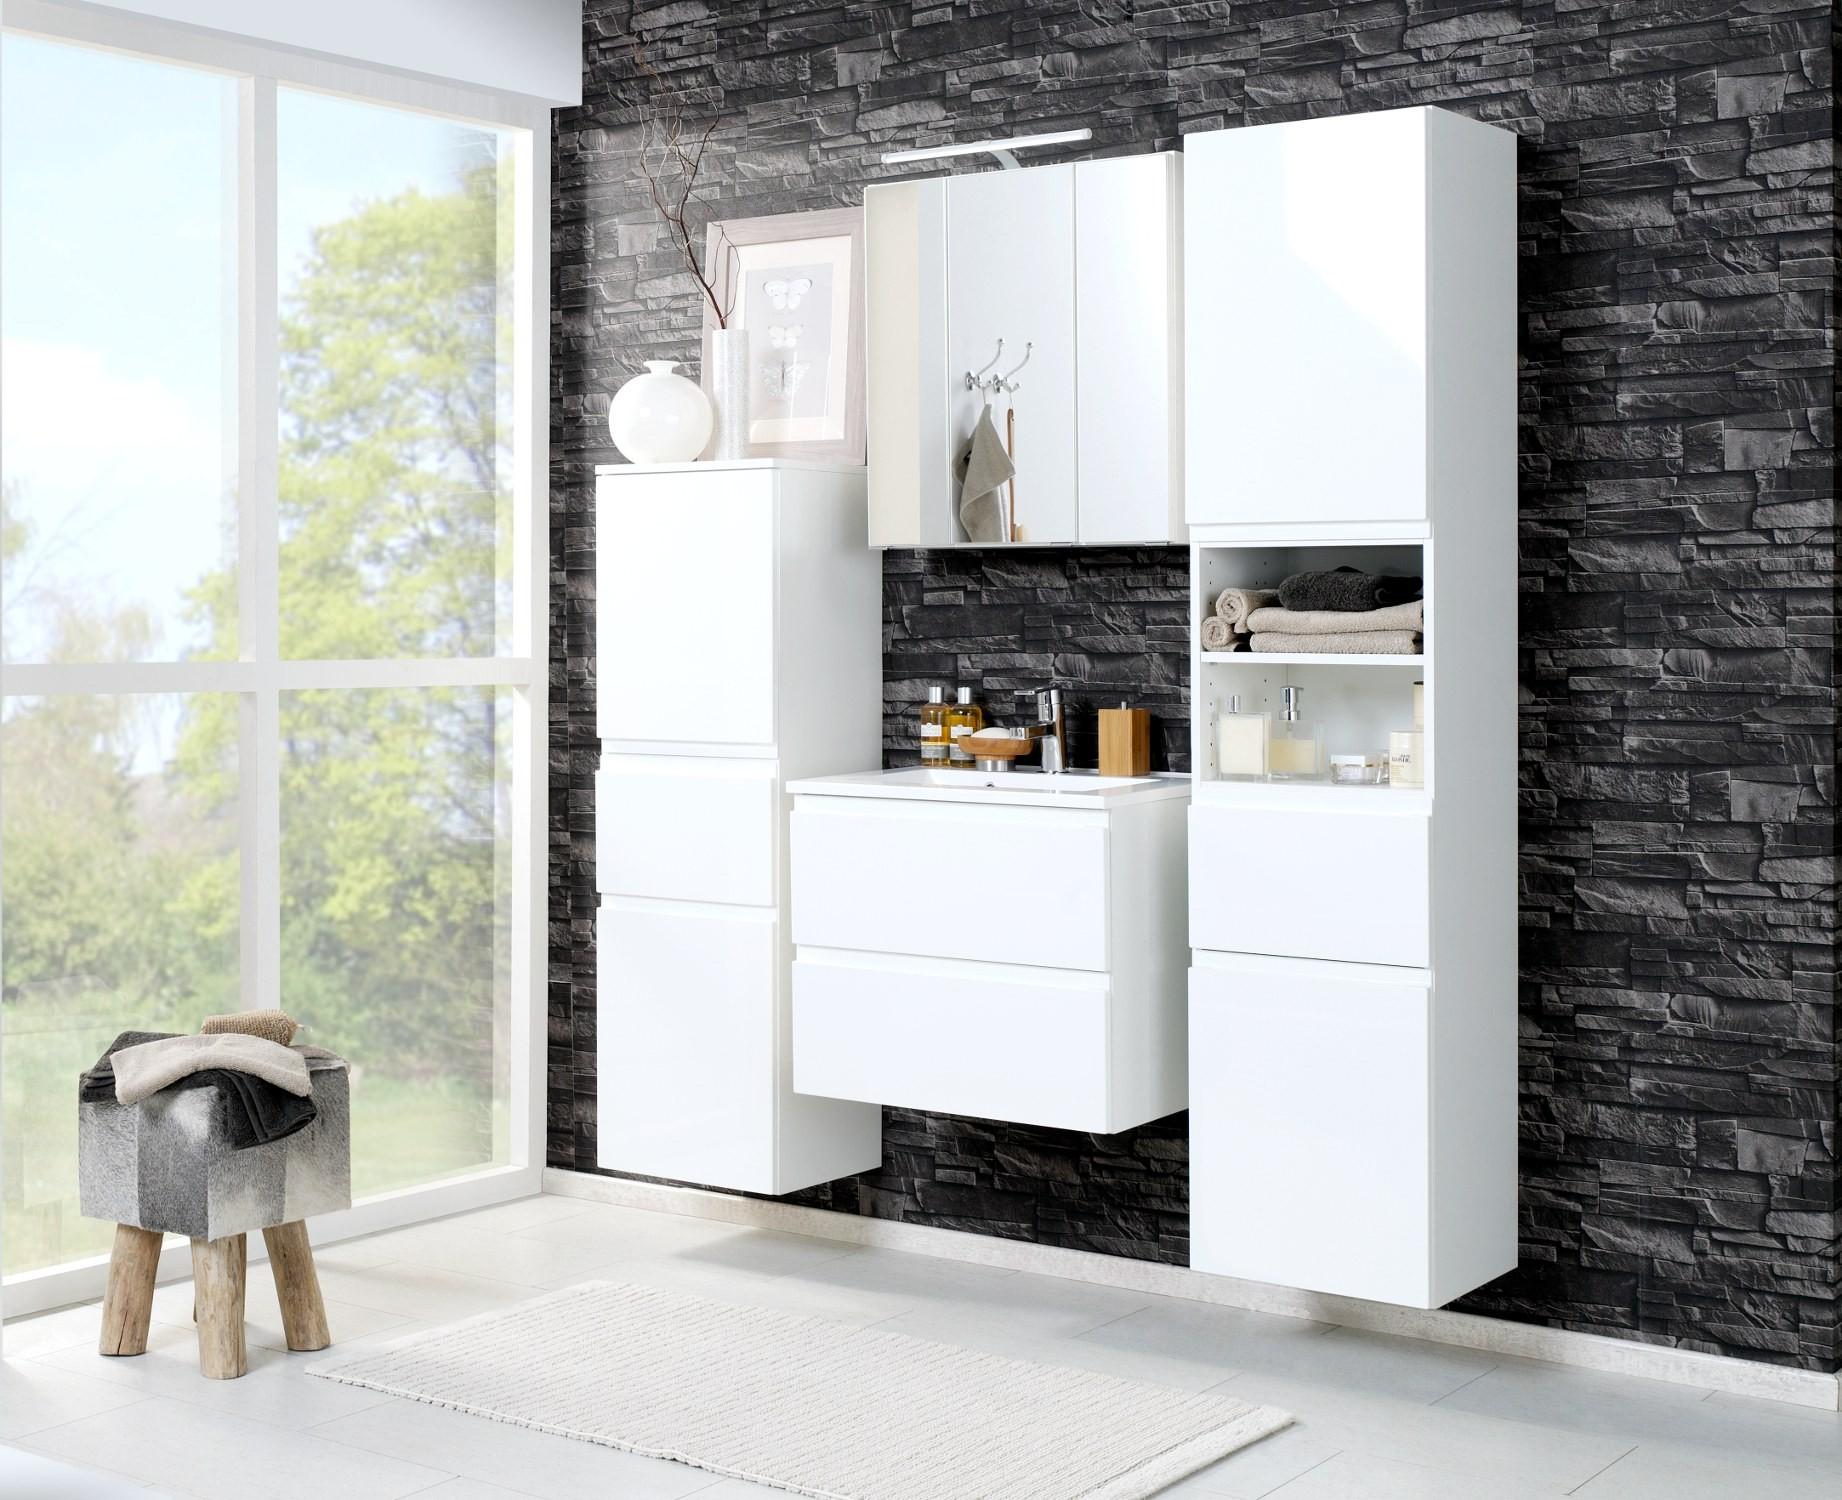 waschtisch 65 cm breit wl51 hitoiro. Black Bedroom Furniture Sets. Home Design Ideas